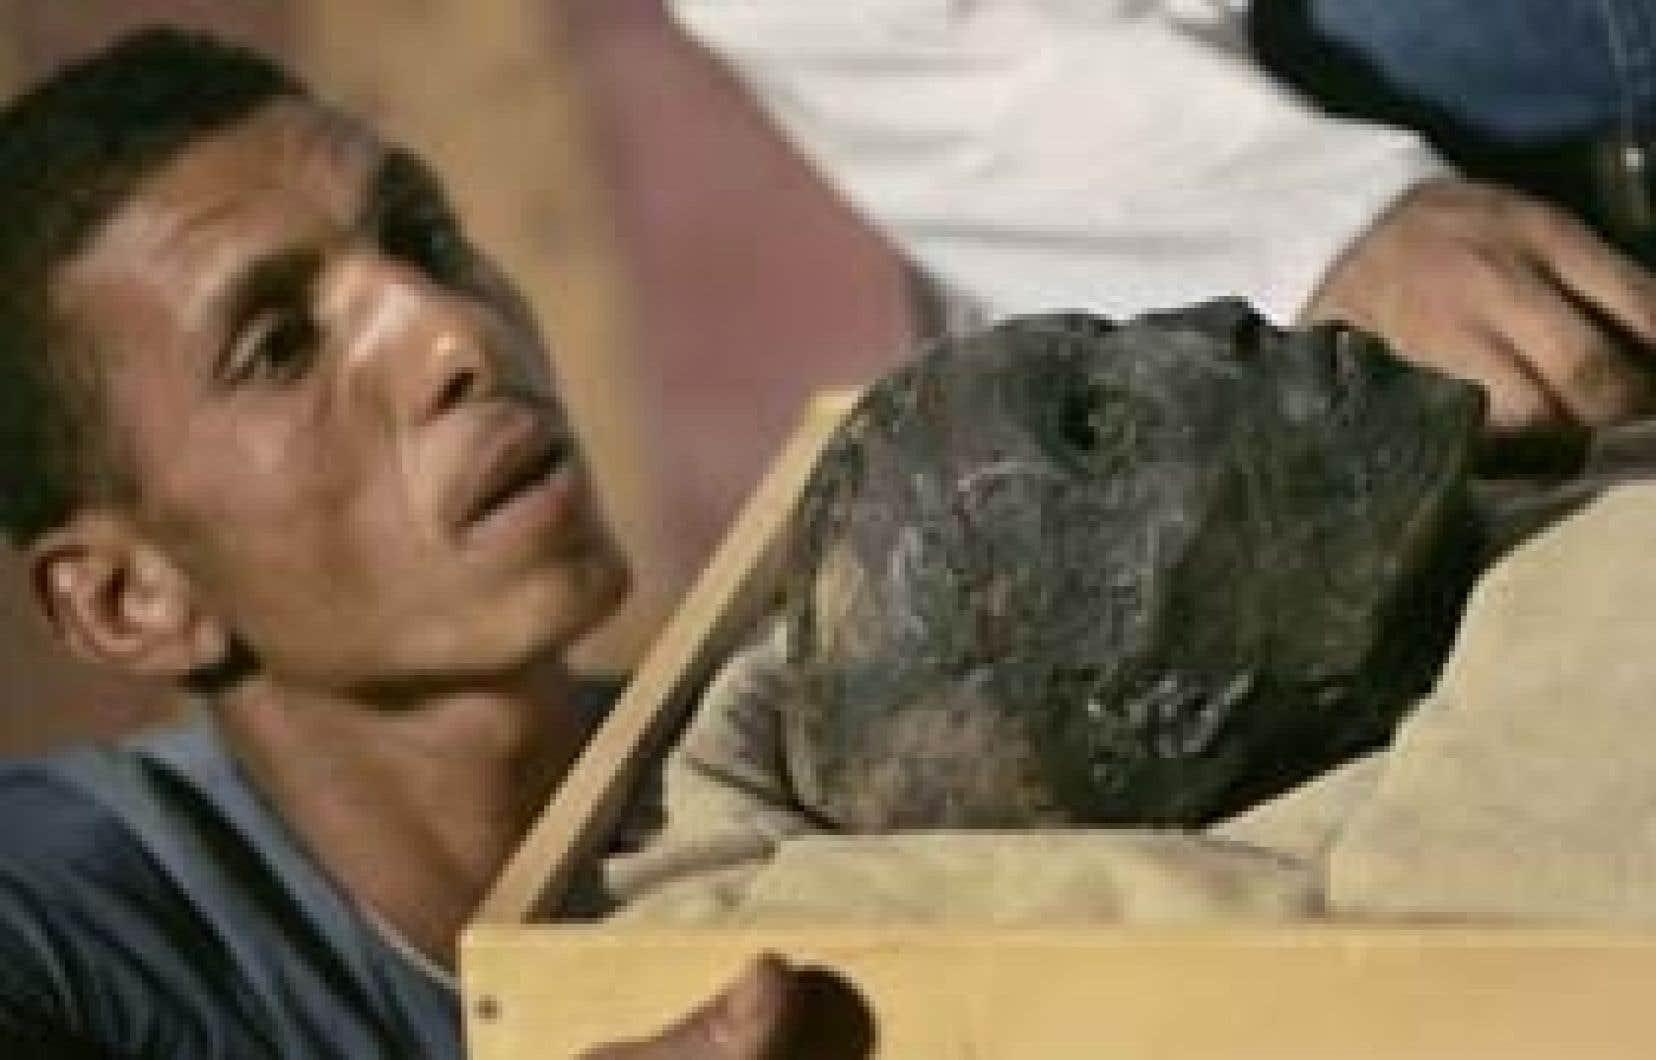 Le corps de Toutankhamon a été entièrement enroulé de bandes de lin, ne laissant apparaître que le visage du pharaon. Seule une poignée d'experts avaient pu voir son visage jusqu'à ce jour, qui marque le 85e anniversaire de la découverte de s